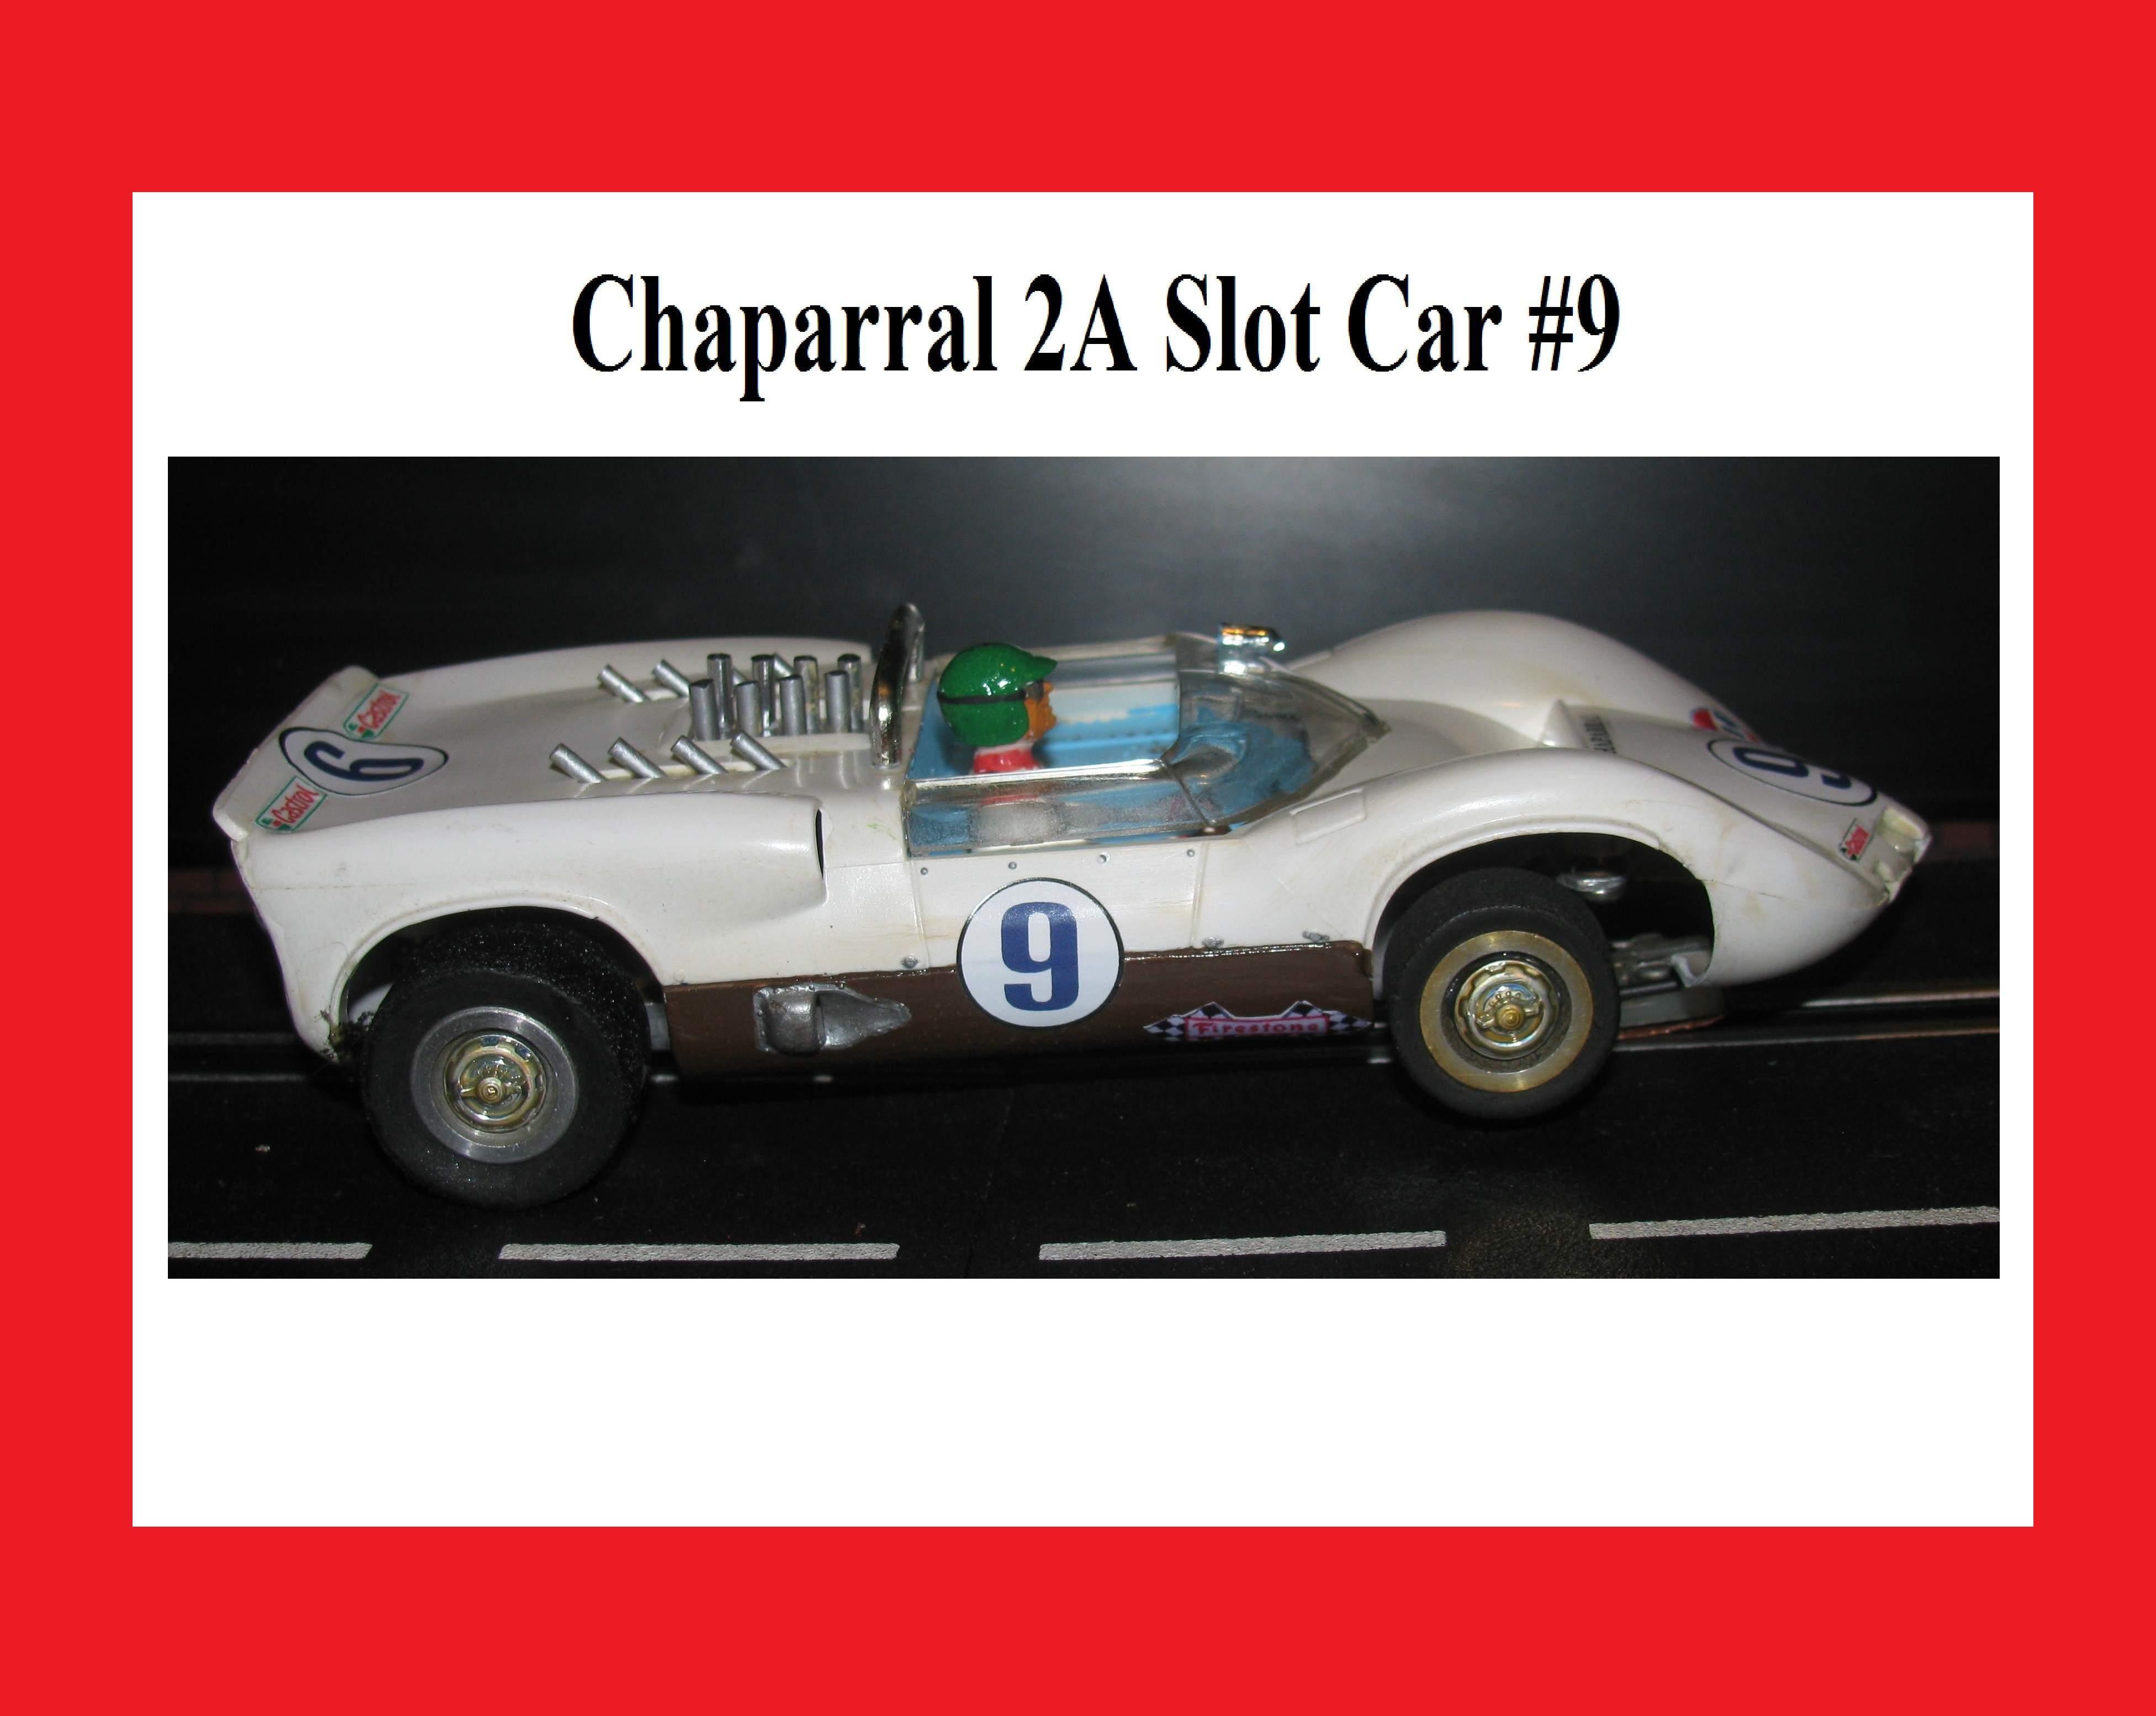 * Super Sale * Vintage Chaparral 2A Slot Car #9 1:24 Scale